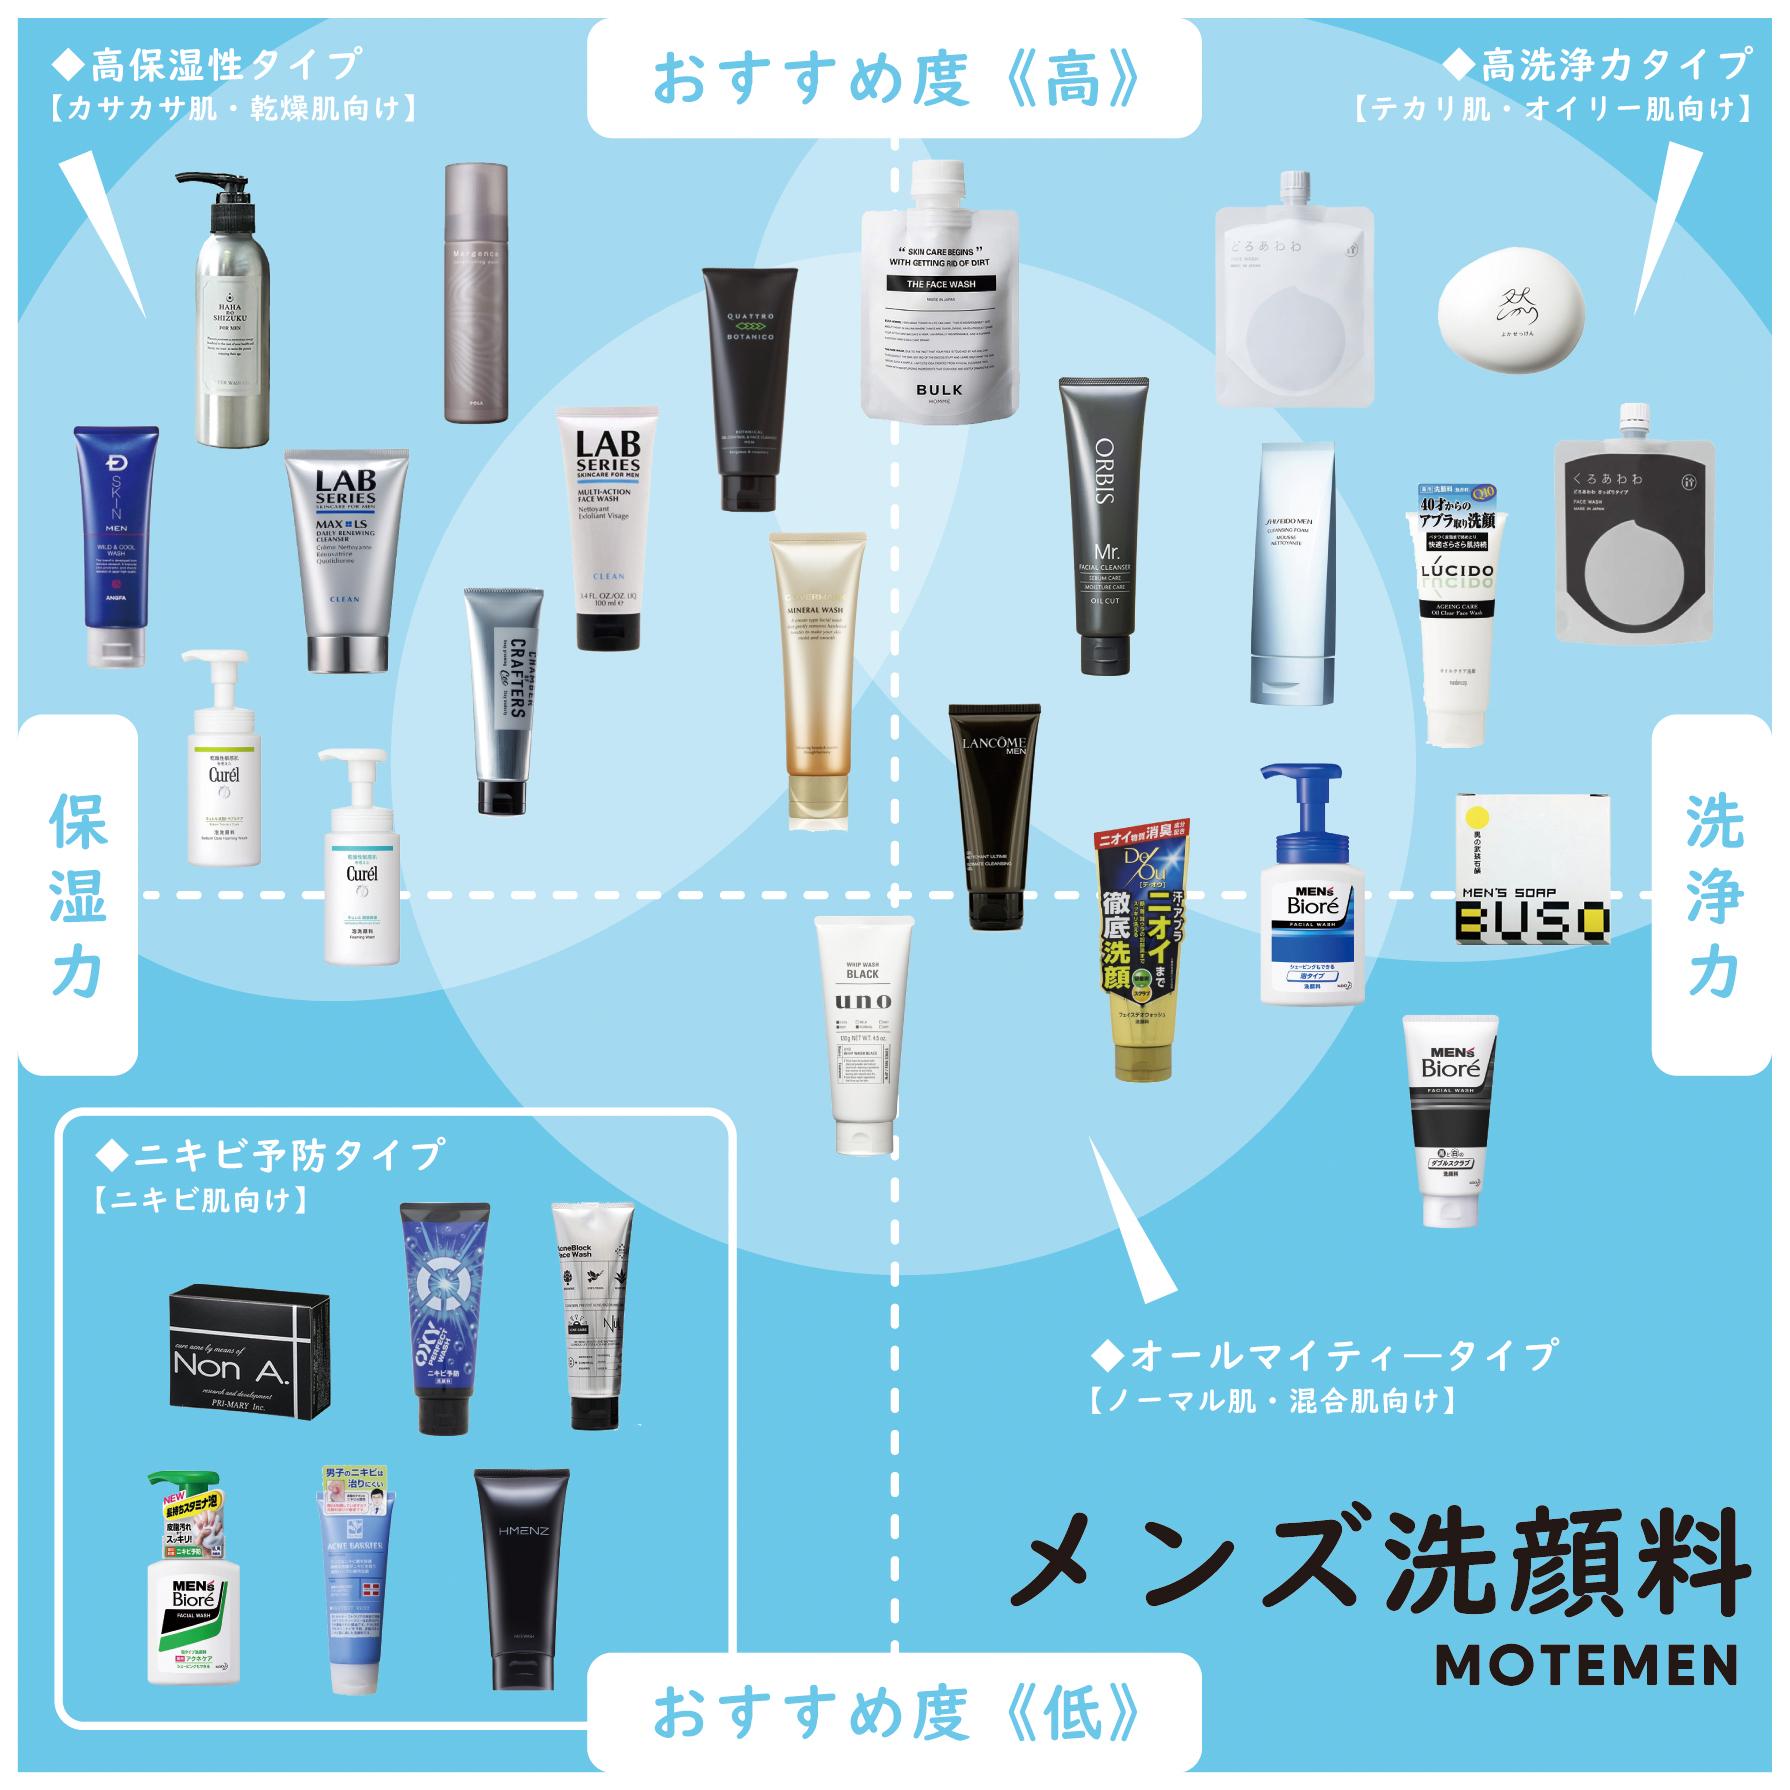 メンズおすすめ洗顔料の種類を分類